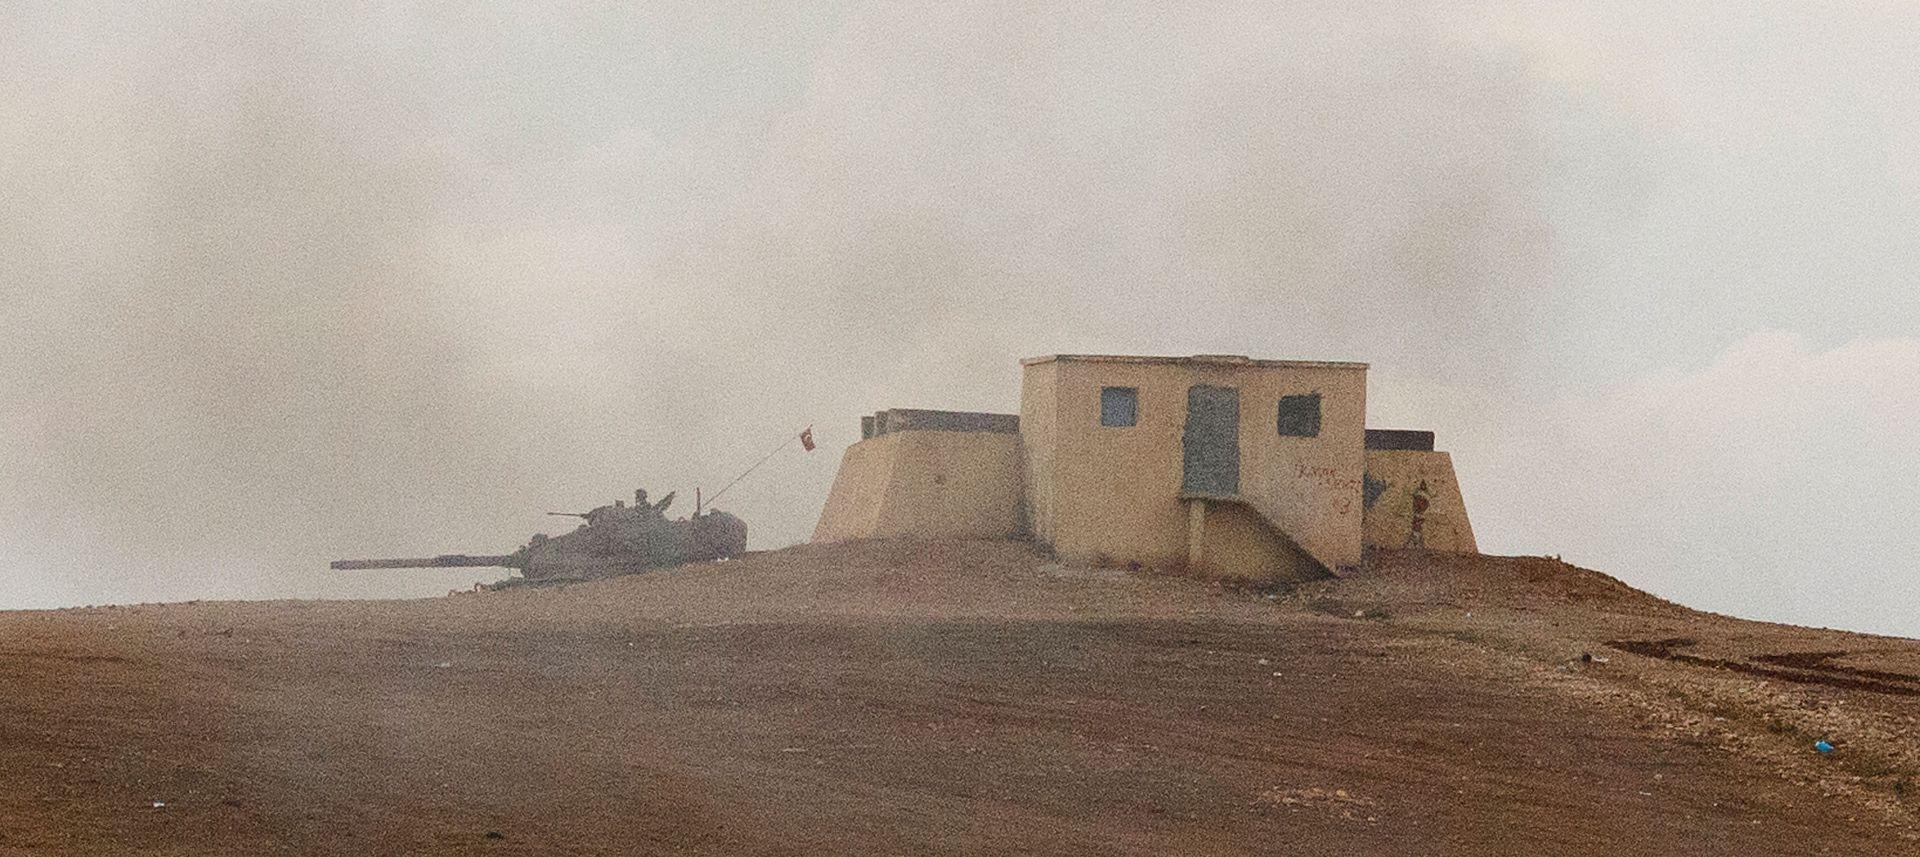 ZRAČNI NAPAD TURSKE Najmanje 8 ubijenih civila